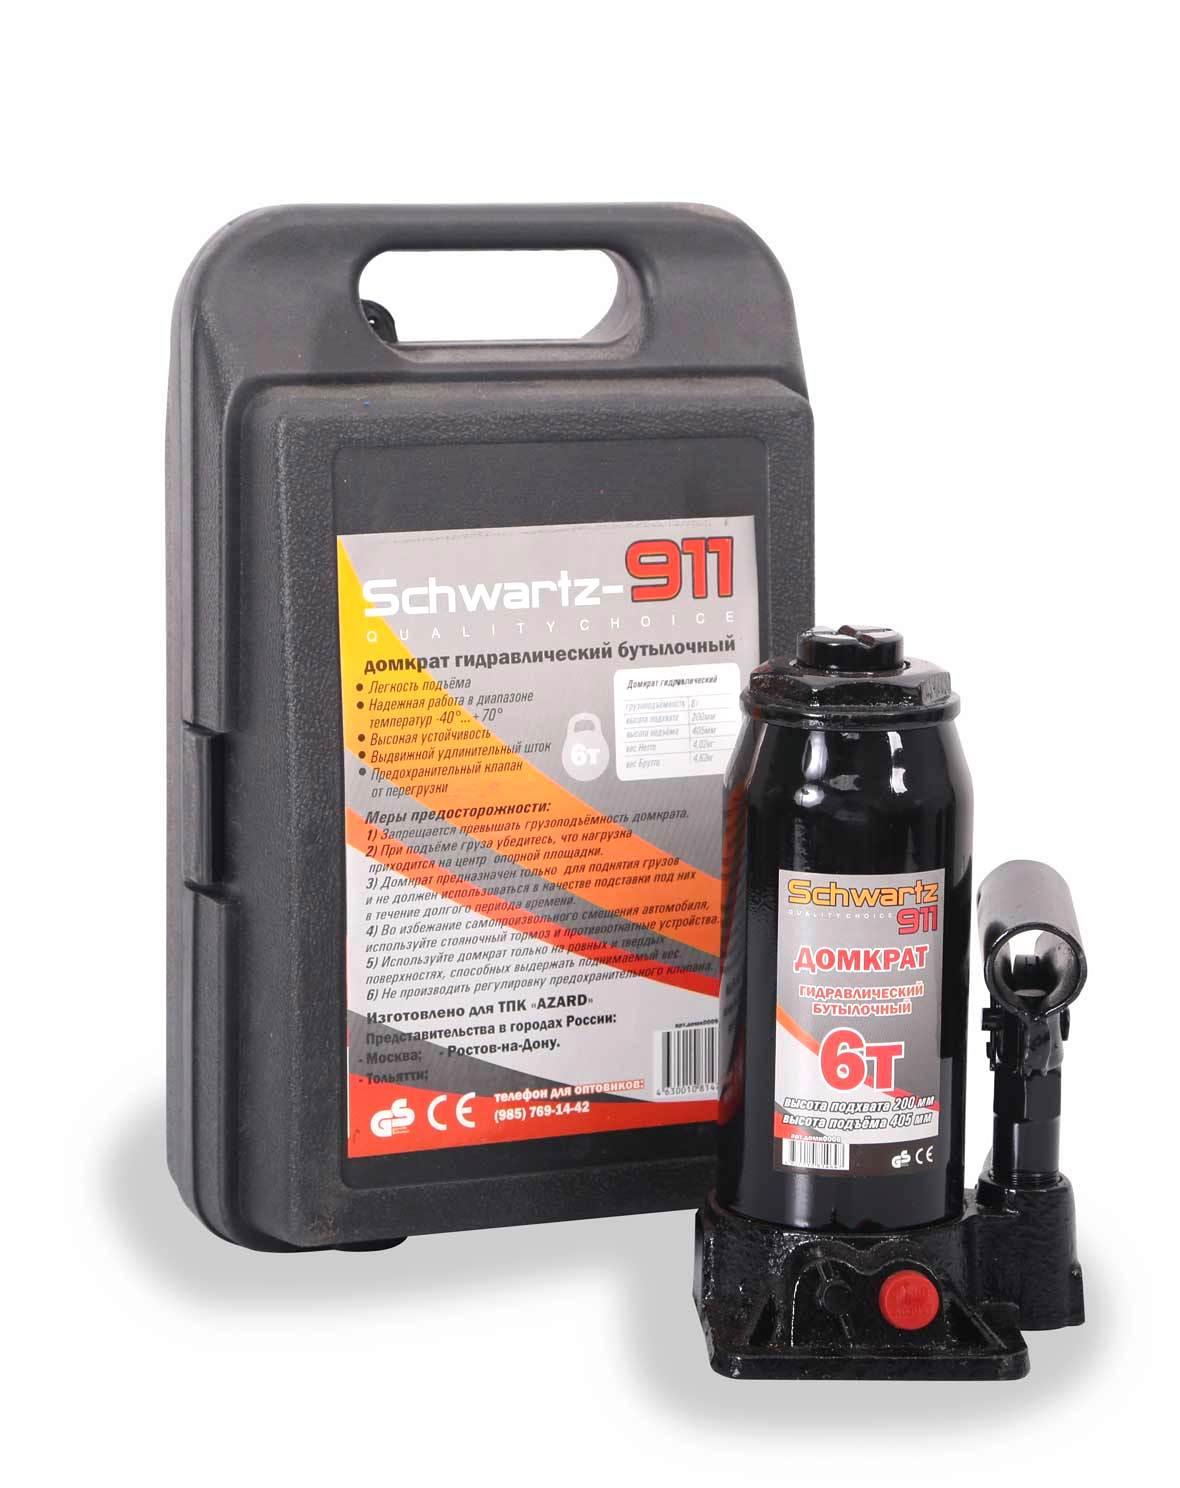 Домкрат Schwartz-911 Sj-6 6Т кейс